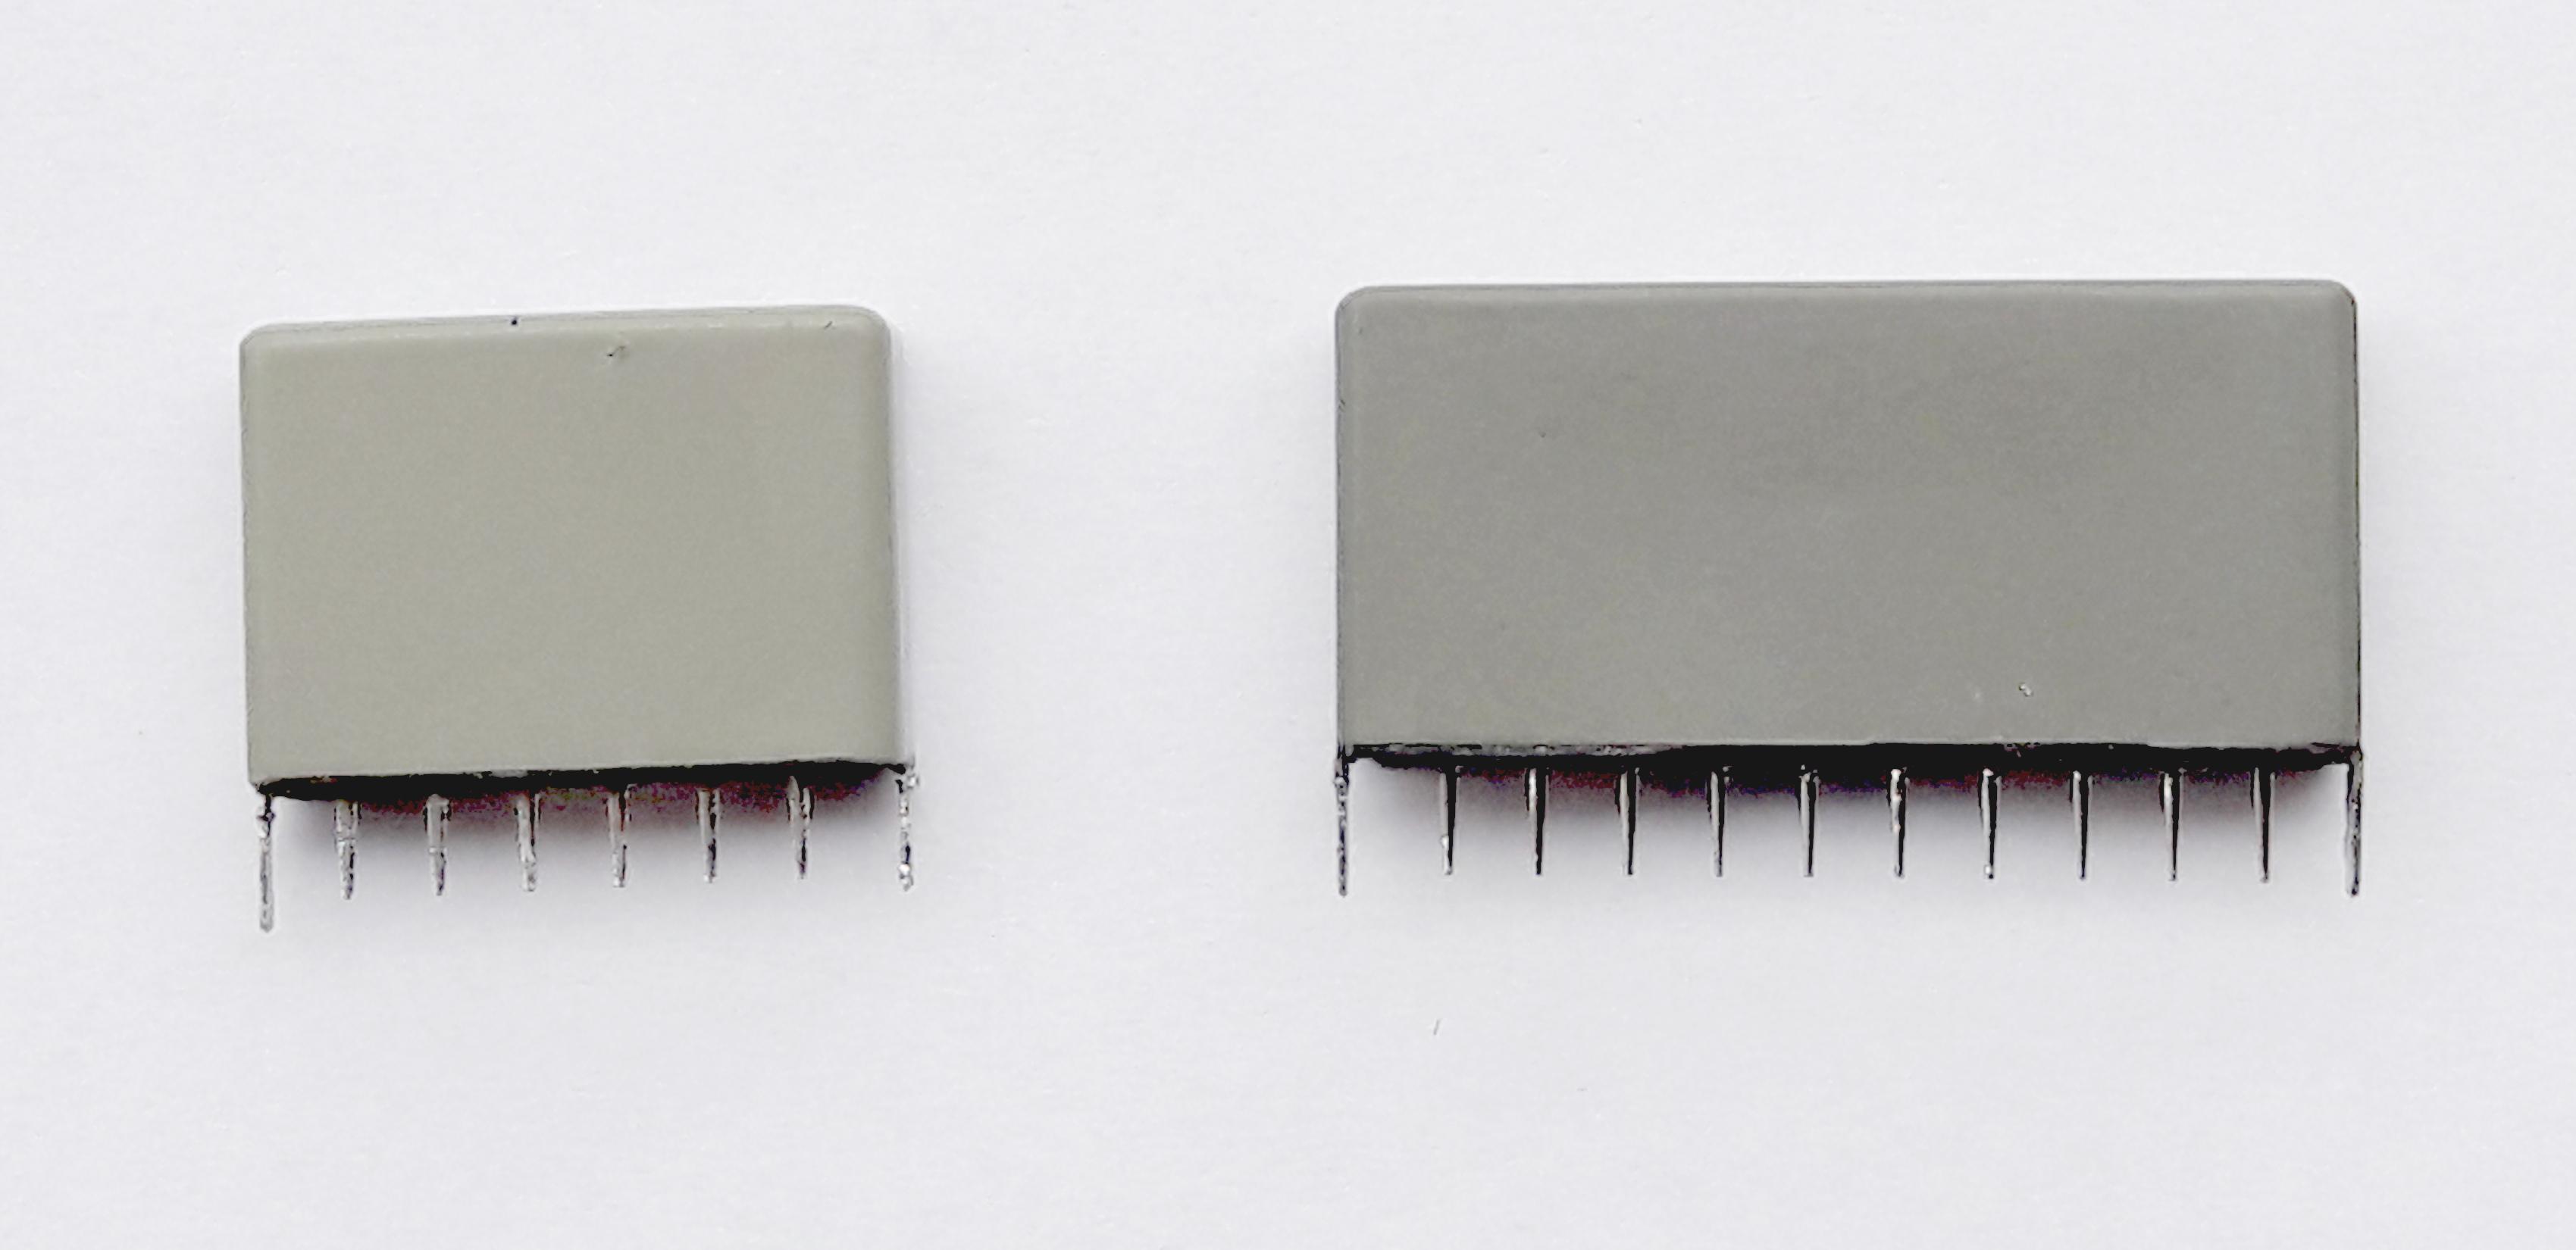 Datei:Hybridschaltkreis Typ 2336 KWH (KME6-Baustein ...